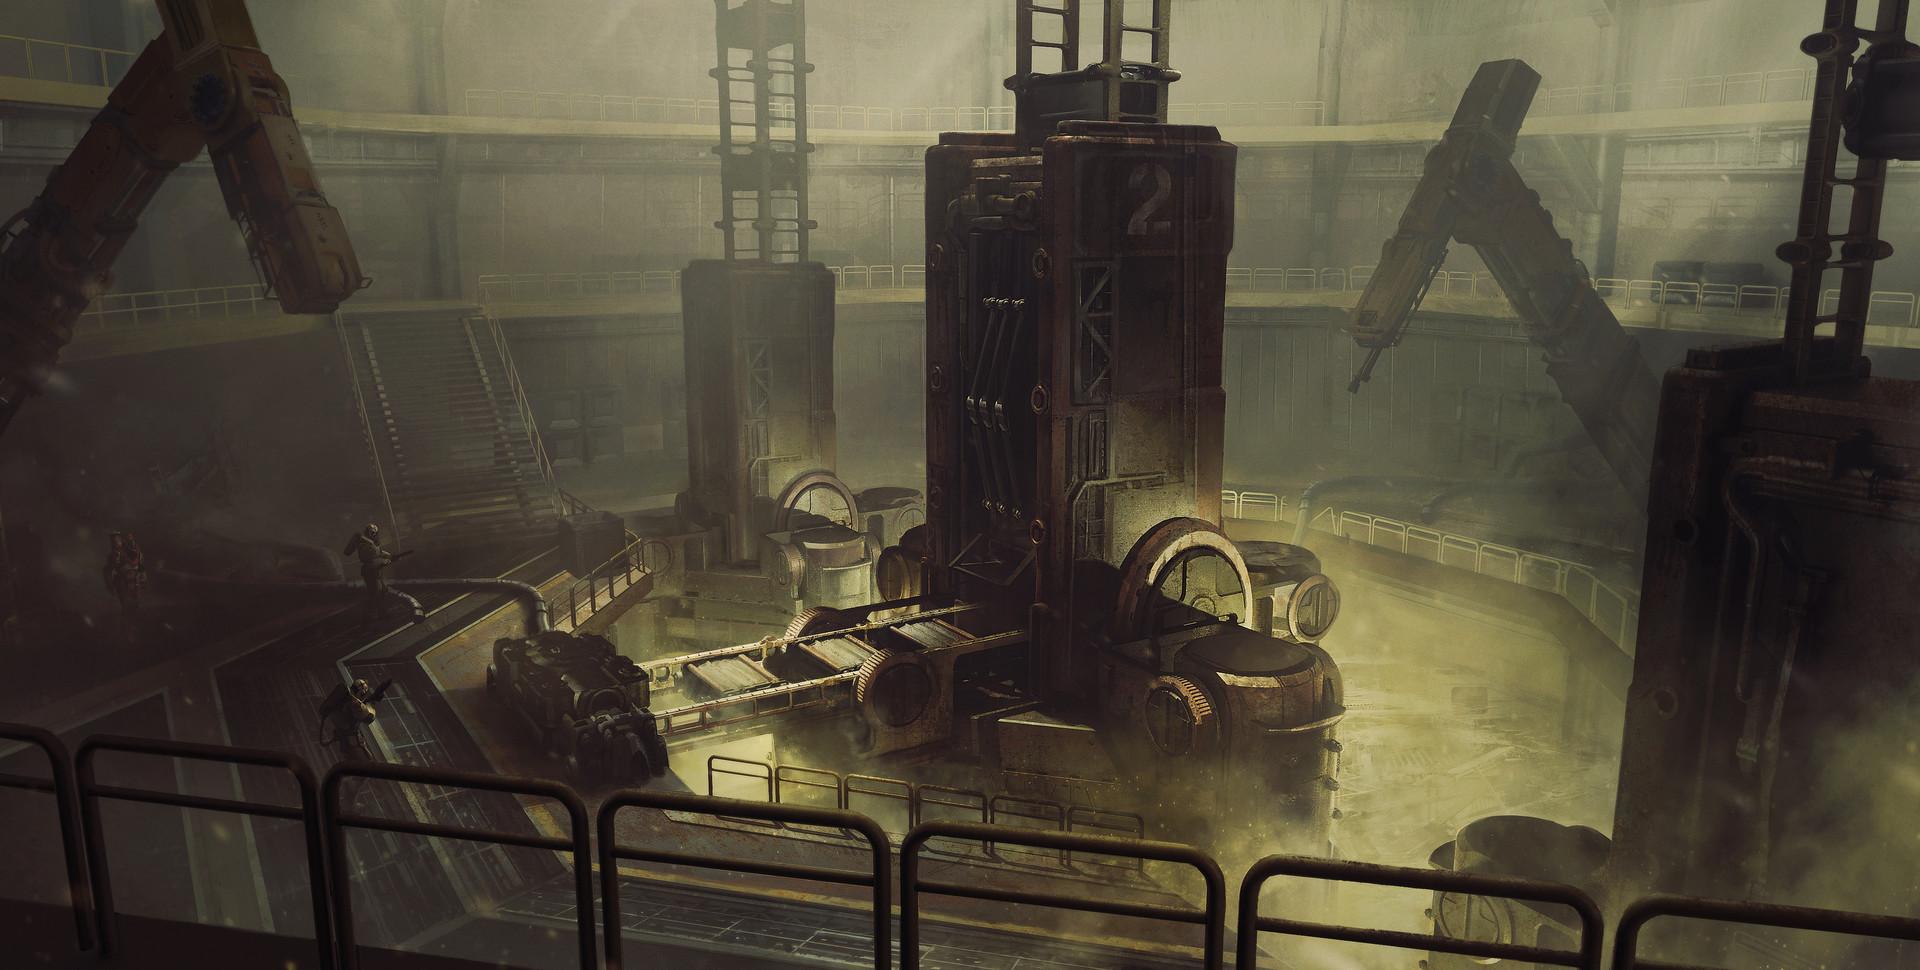 Kevin jick mining room establishing 01c